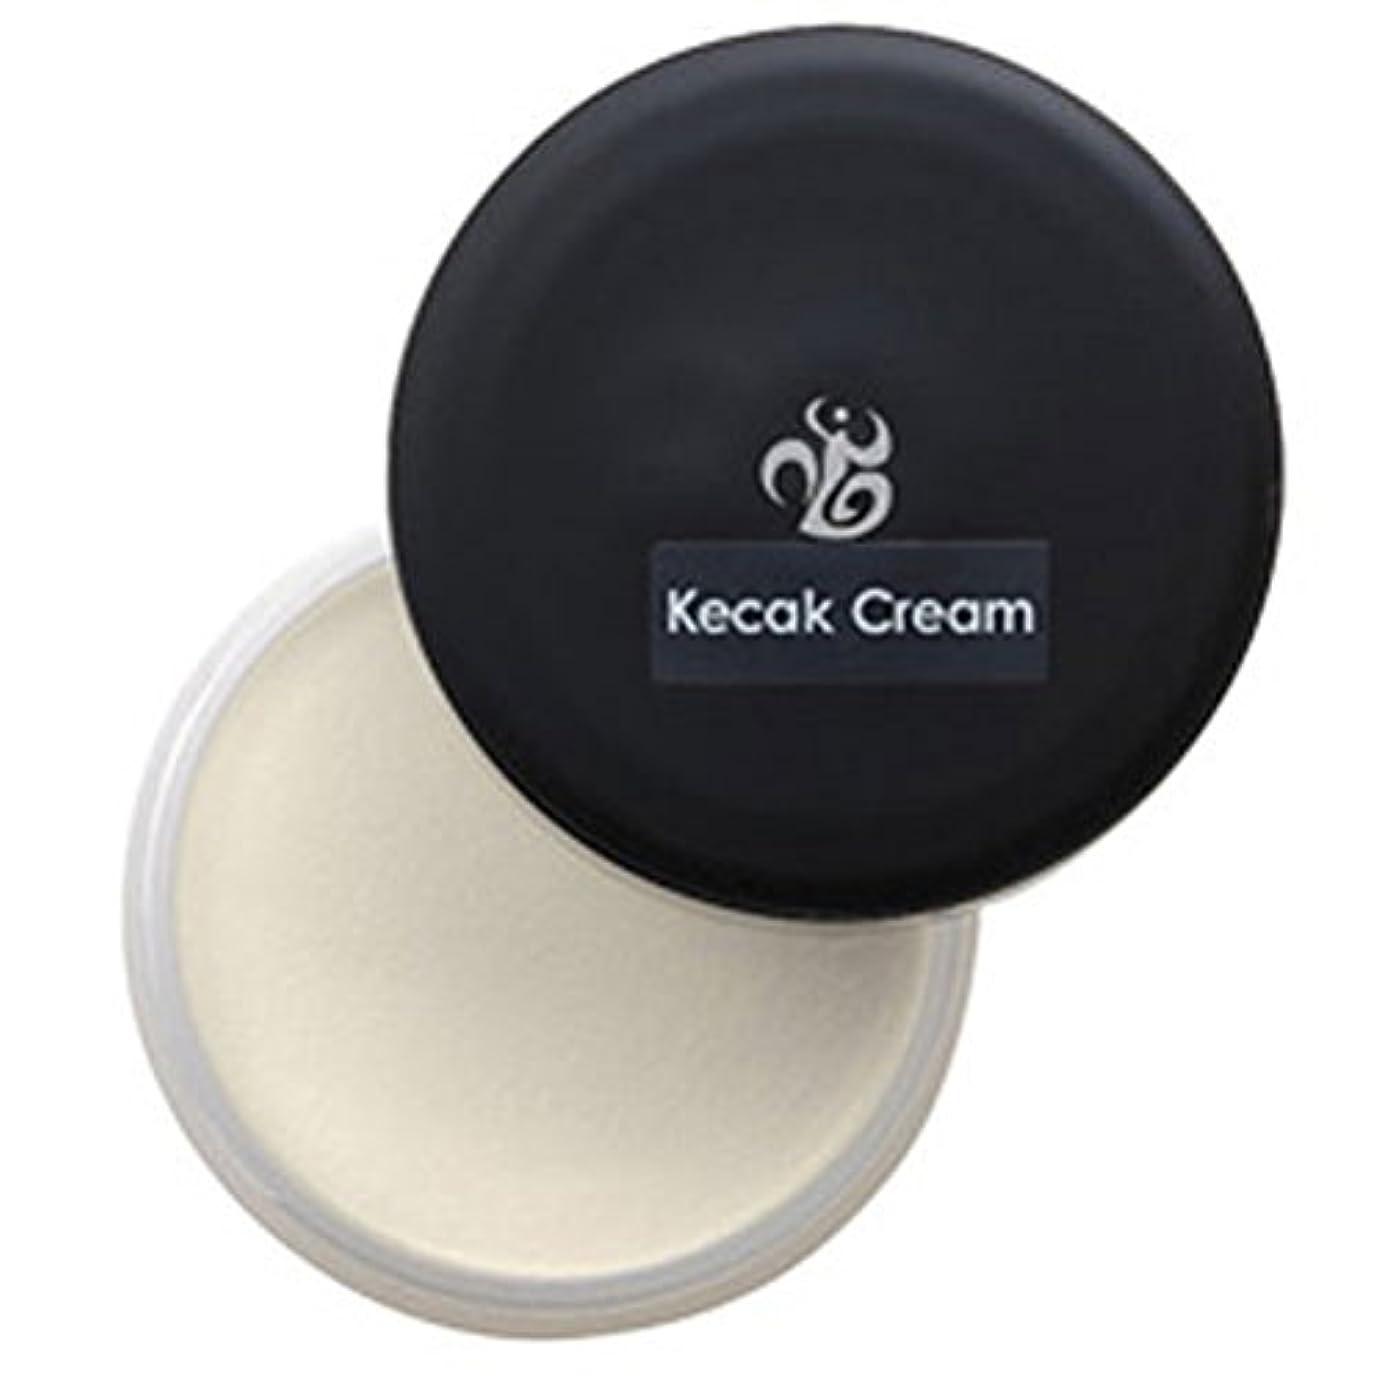 回転するのぞき穴ストライドNail de Dance パウダーケチャクリーム 20g リペア用に最適